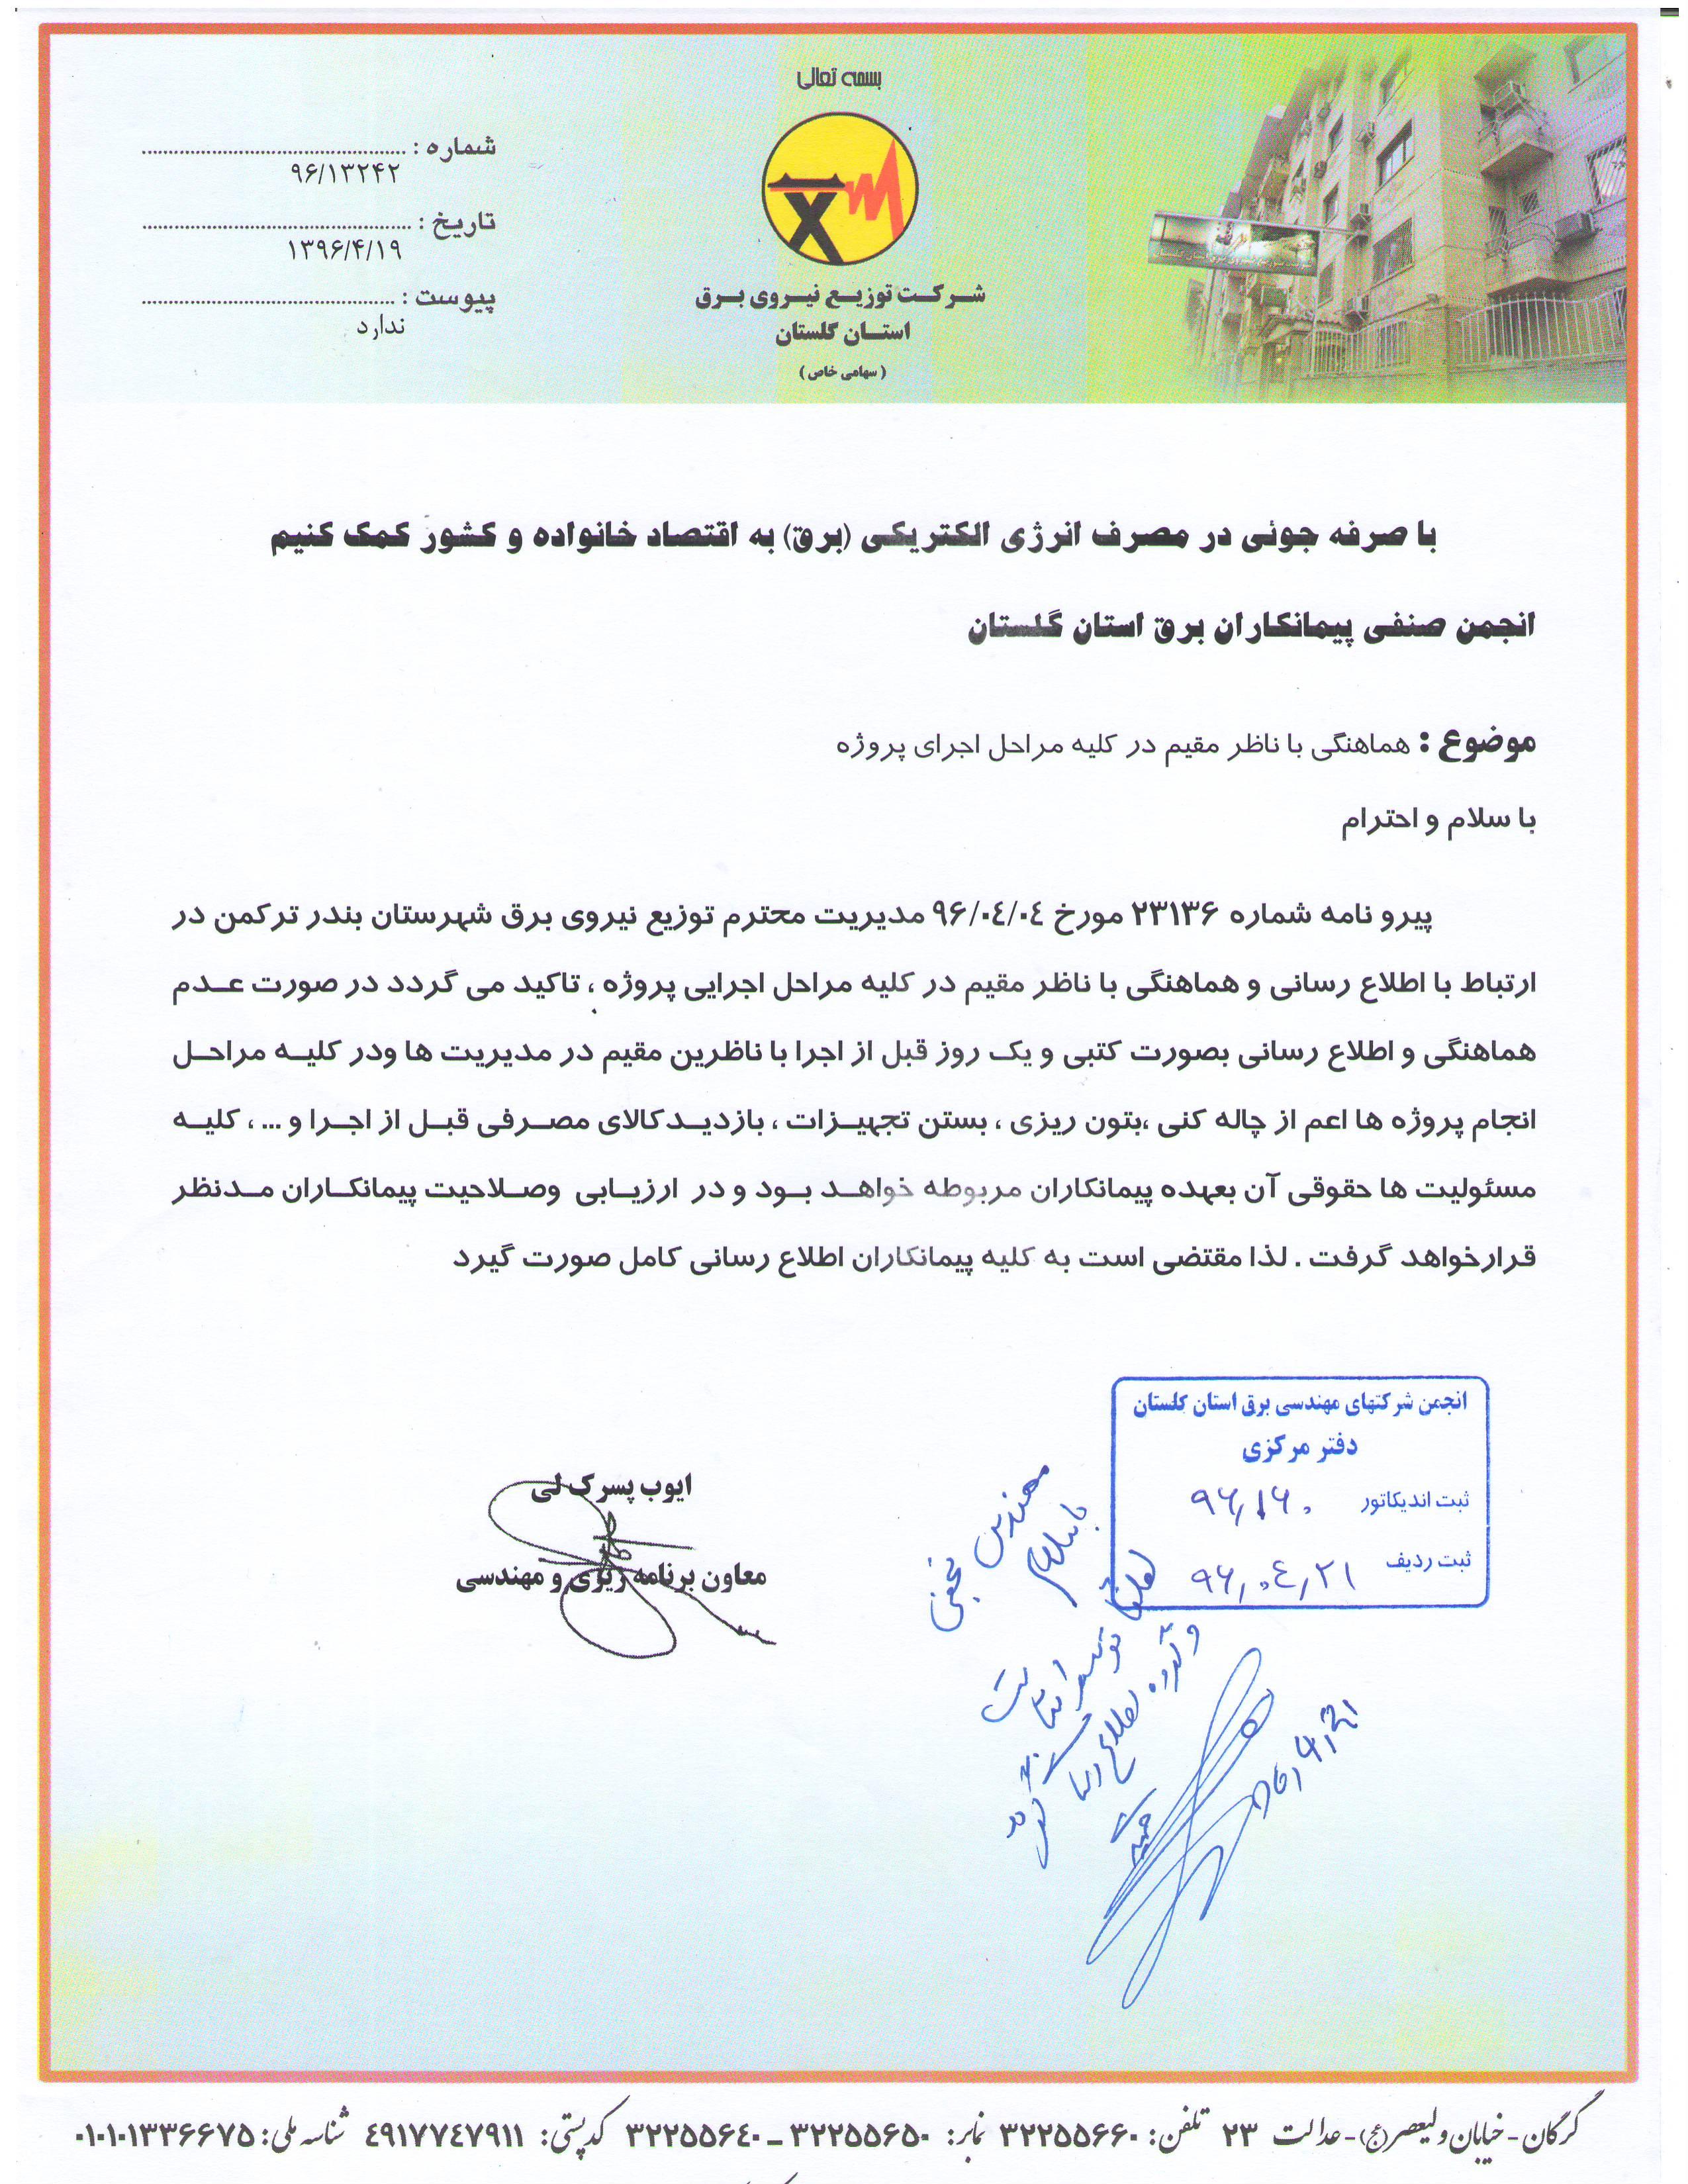 نامه شرکت توزیع برق استان در خصوص هماهنگی با ناظر مقیم